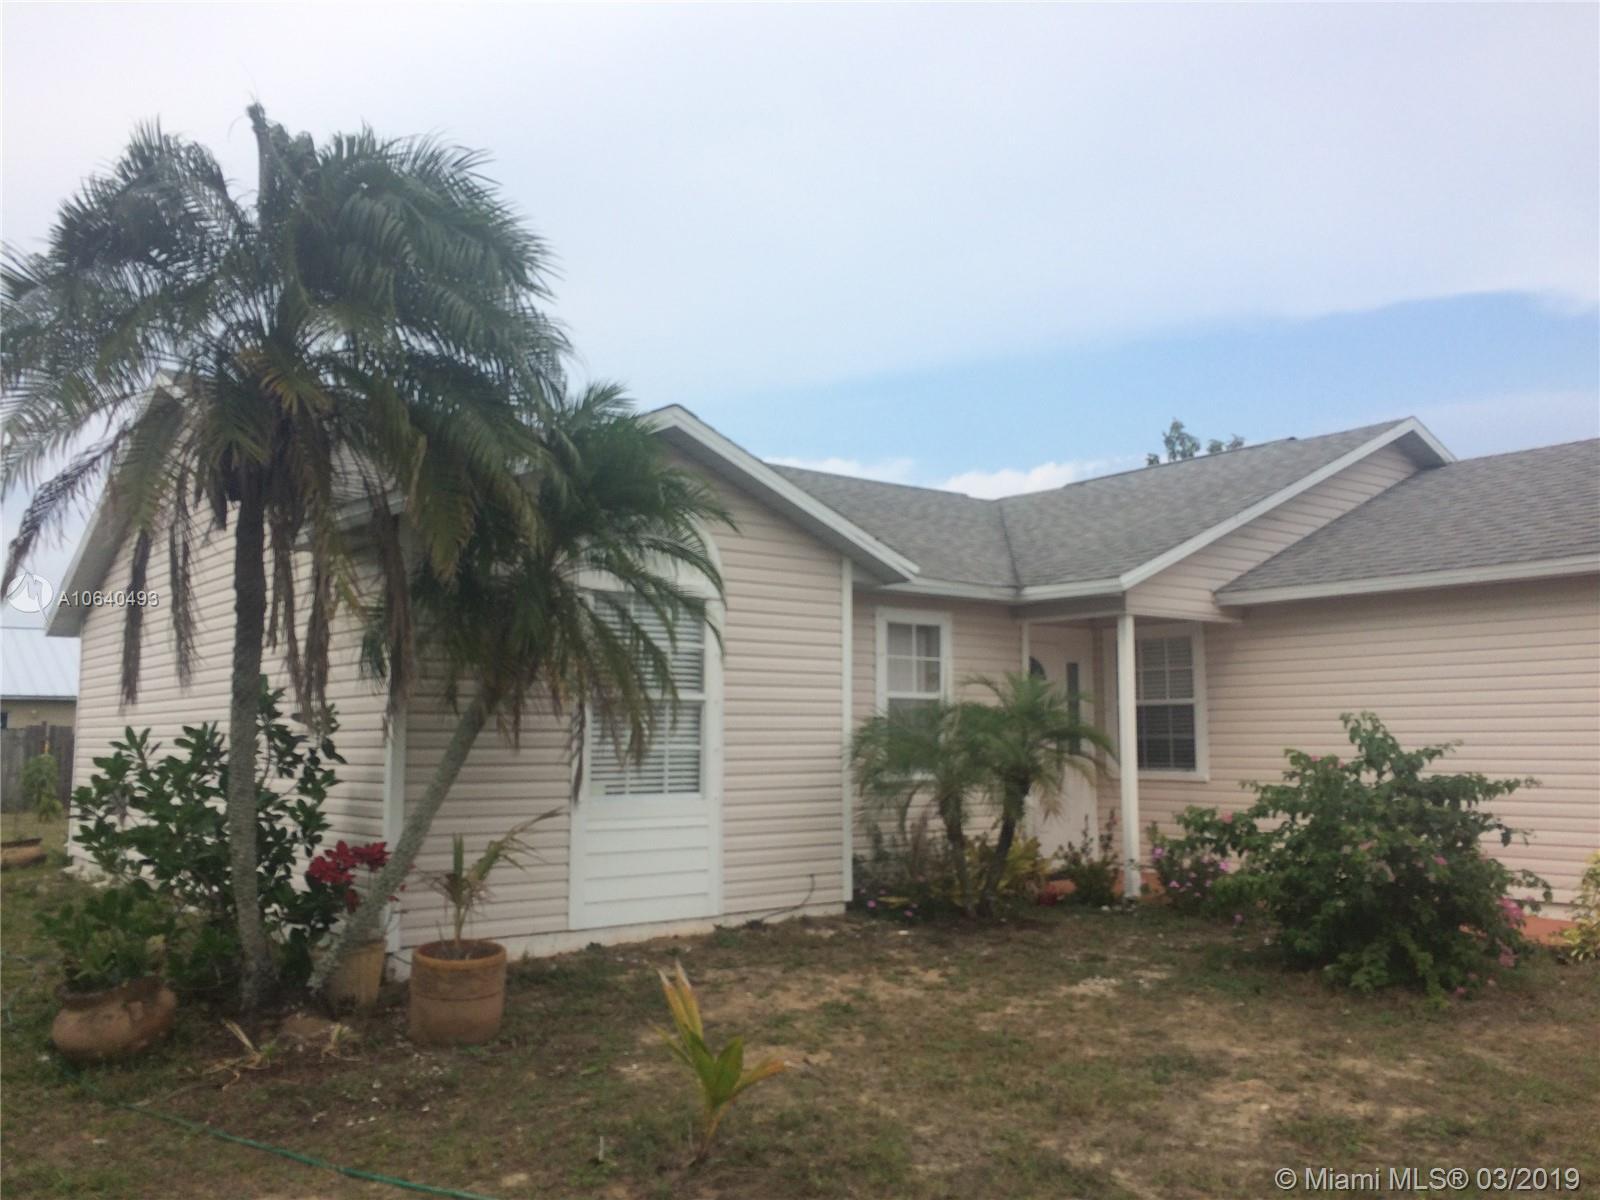 1104 9th Sq, Vero Beach, Florida 32960